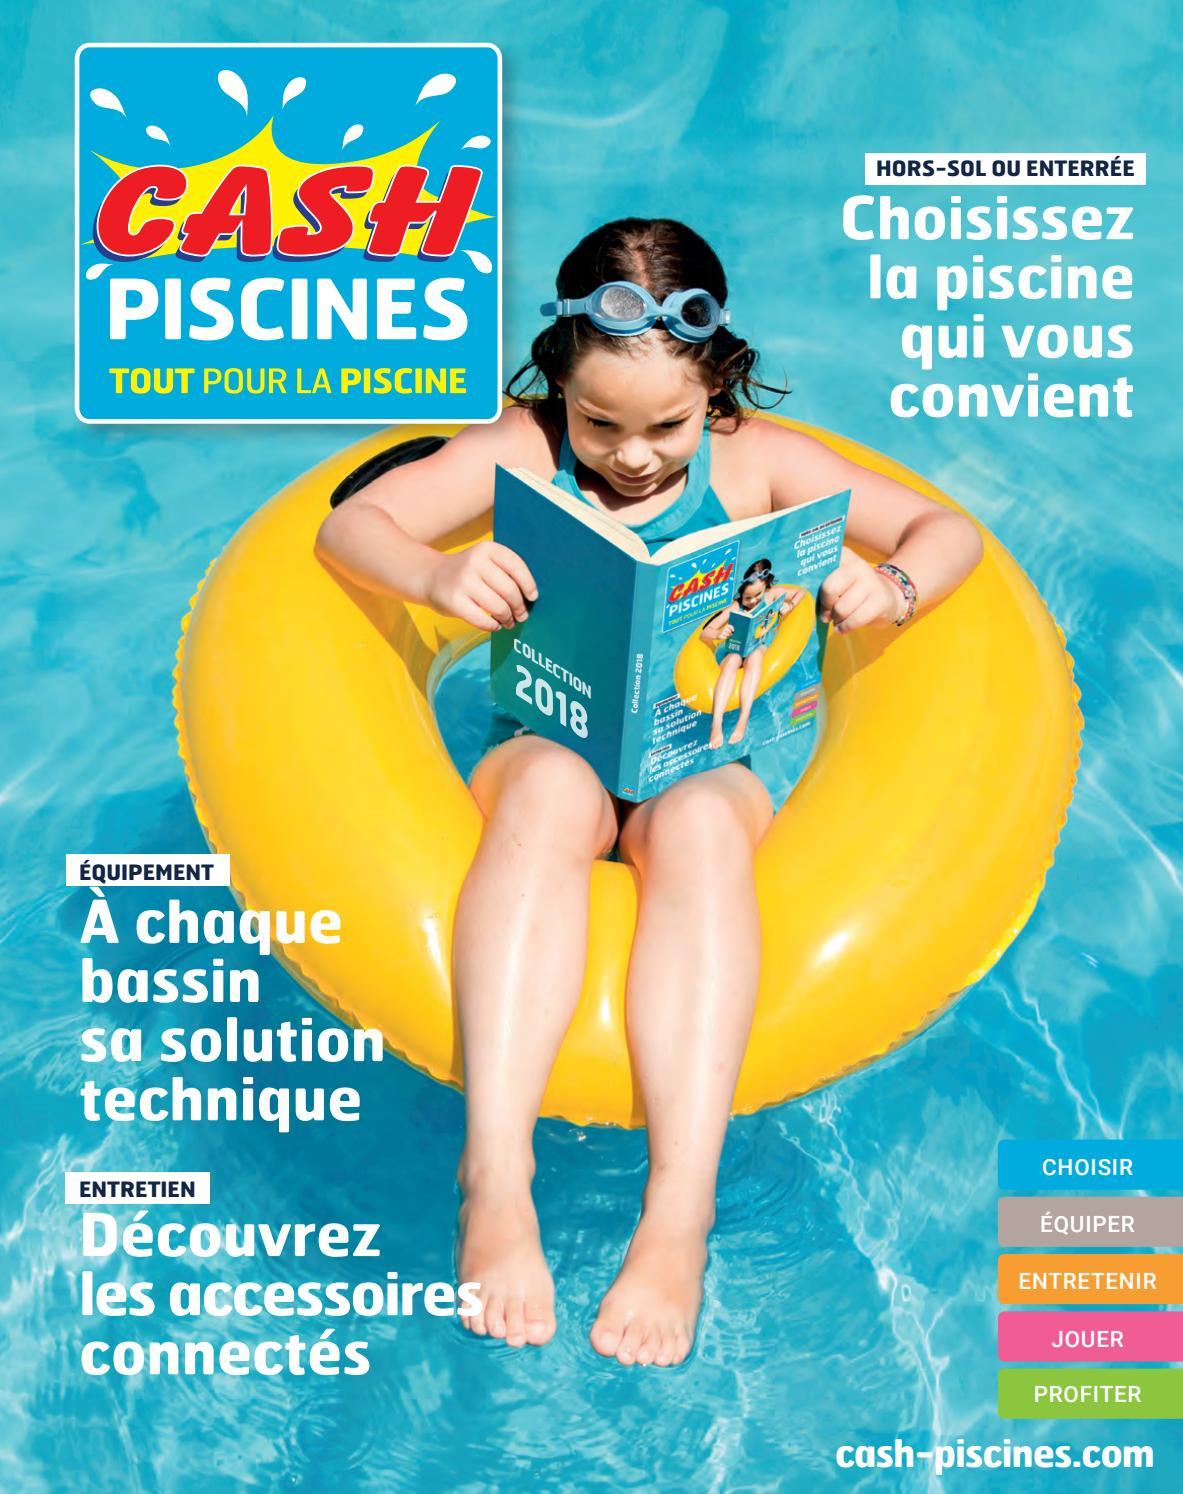 Catalogue Cash Piscine 2018 By Octave Octave - Issuu intérieur Cash Piscine Saint Jean De Vedas